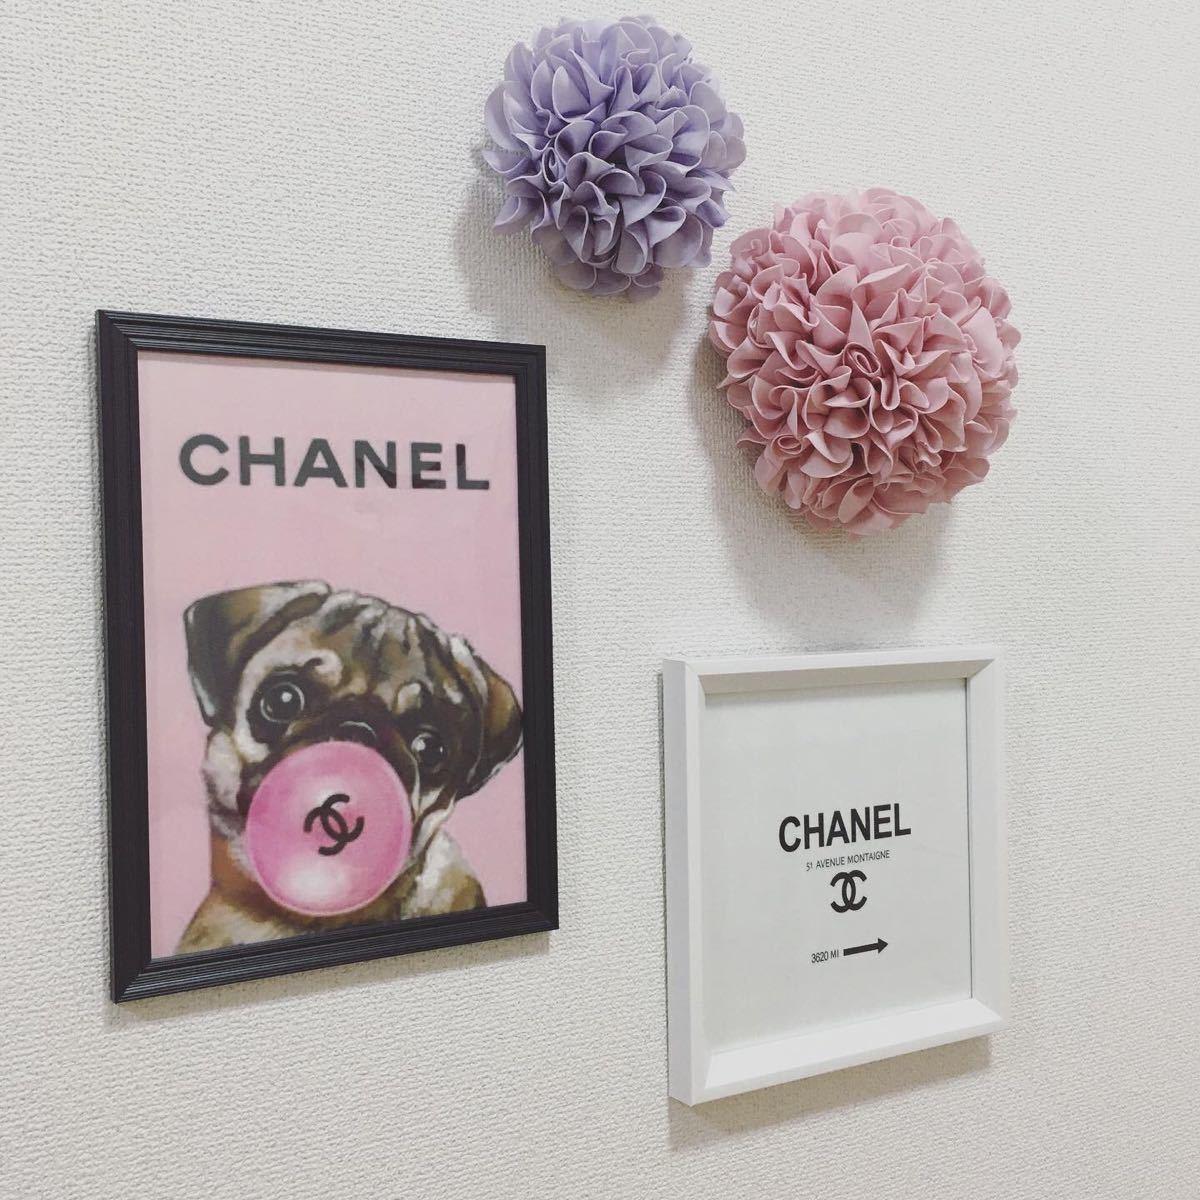 アートポスター A4サイズ  黒フレーム付き 壁掛け